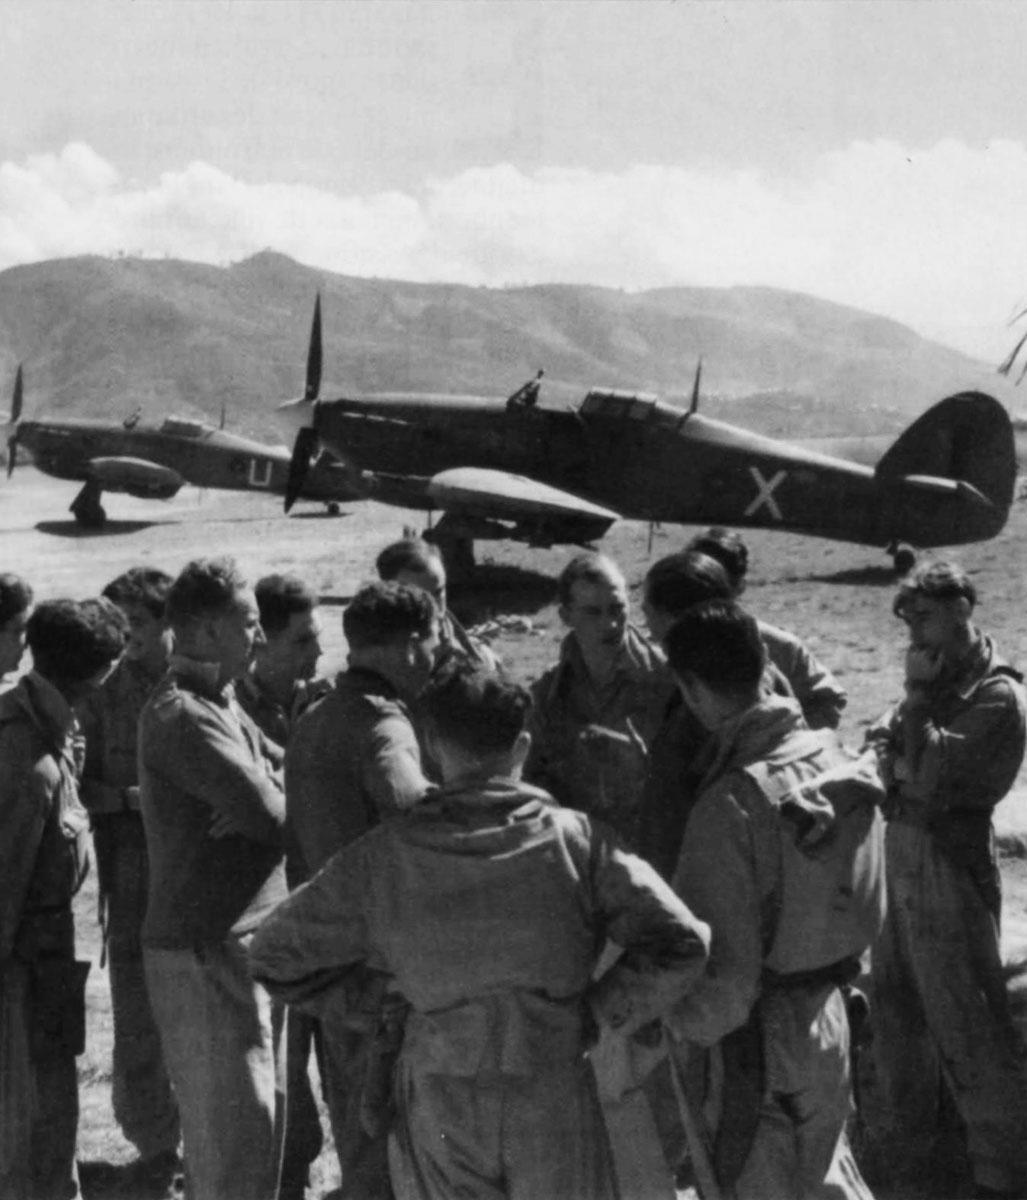 Hurricane IIc Trop RAF 35Sqn X and U Imphal India 1944 01